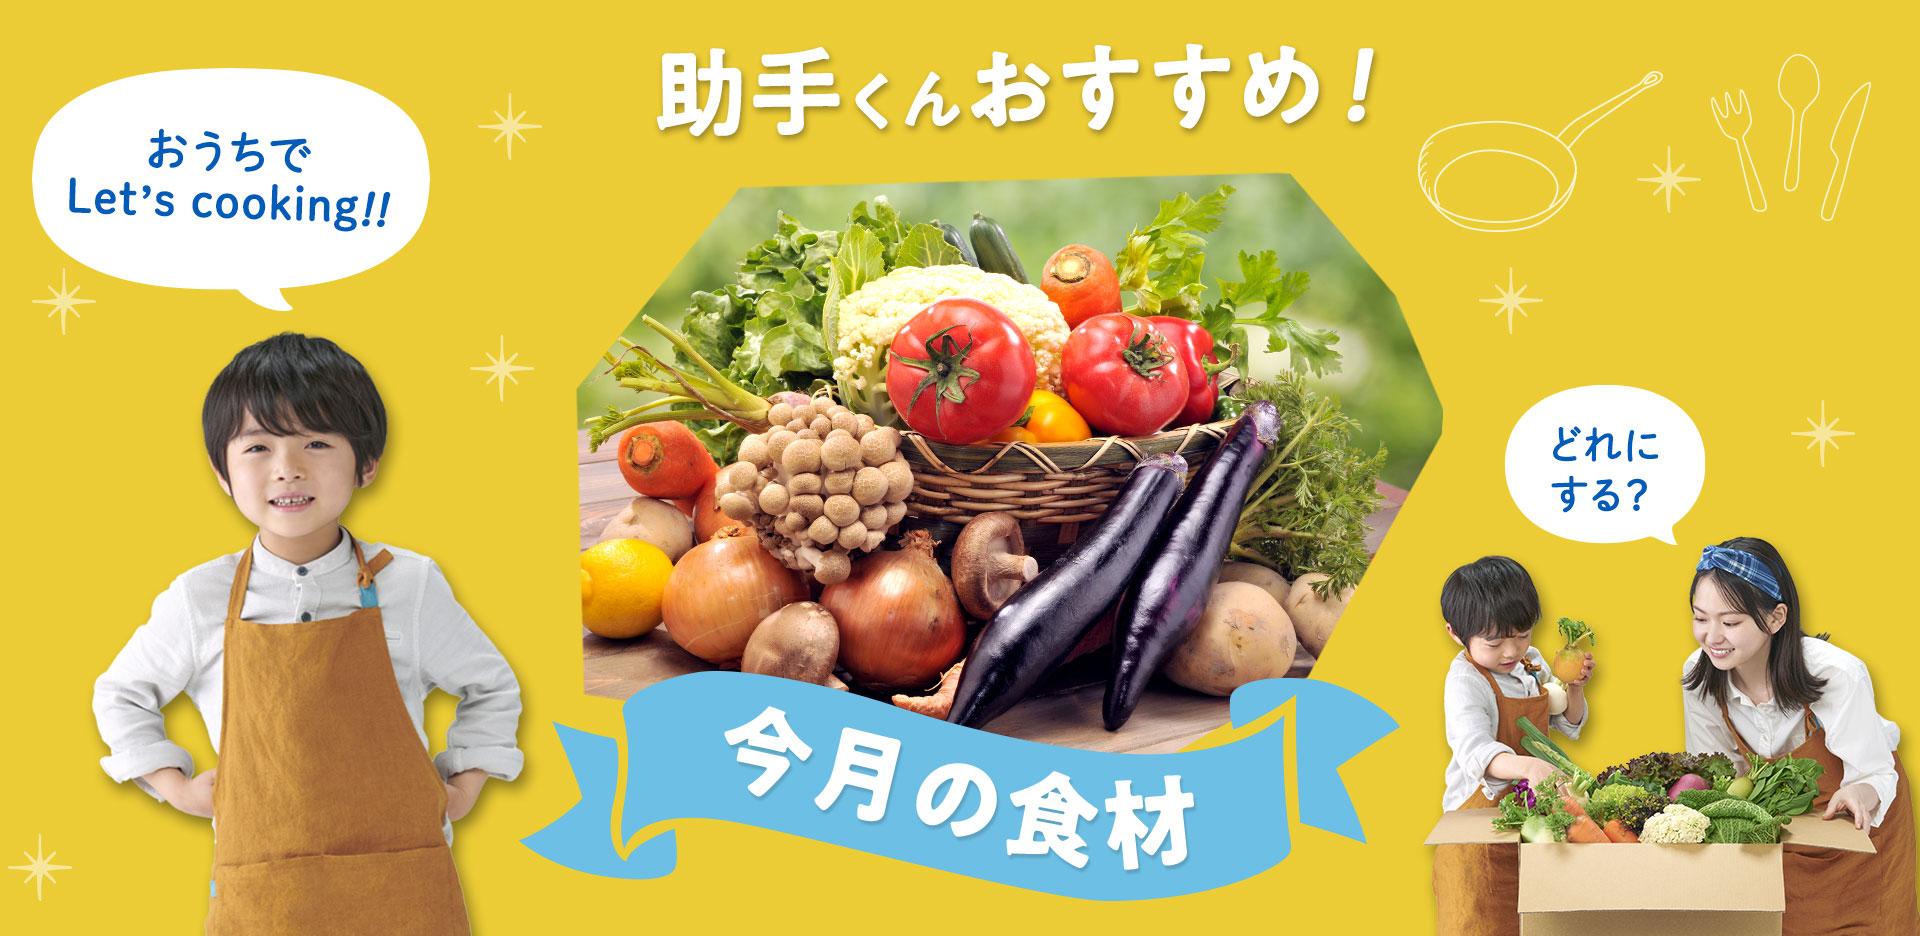 おうちでLet's cooking!助手くんおすすめ!産直アウル 今月の食材